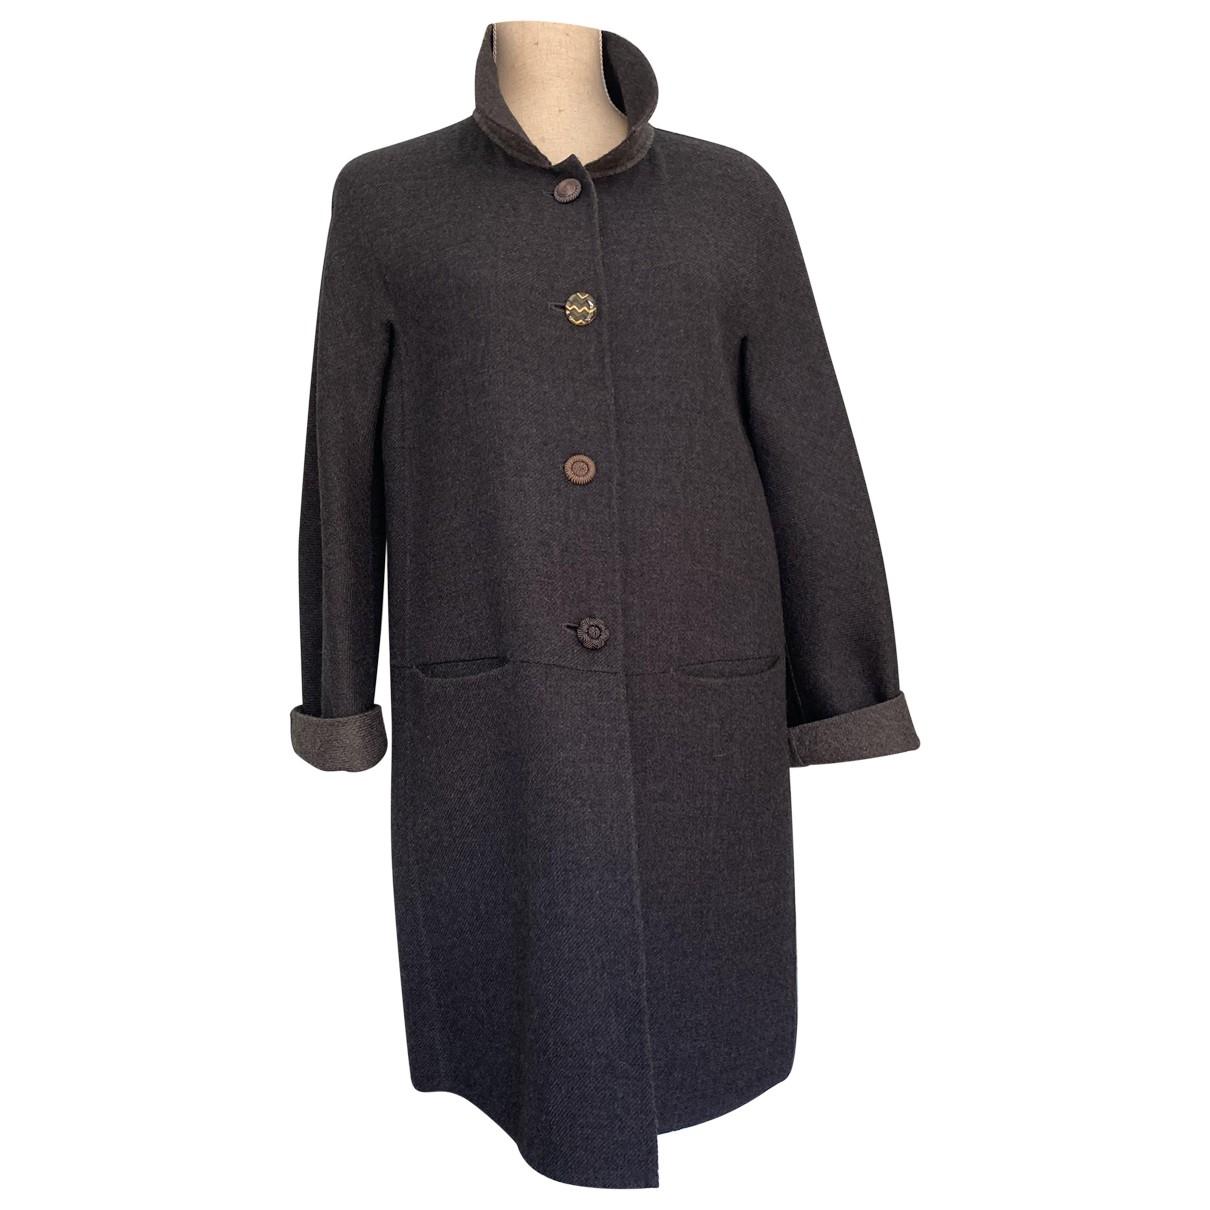 Dkny \N Grey Wool coat for Women 42 IT